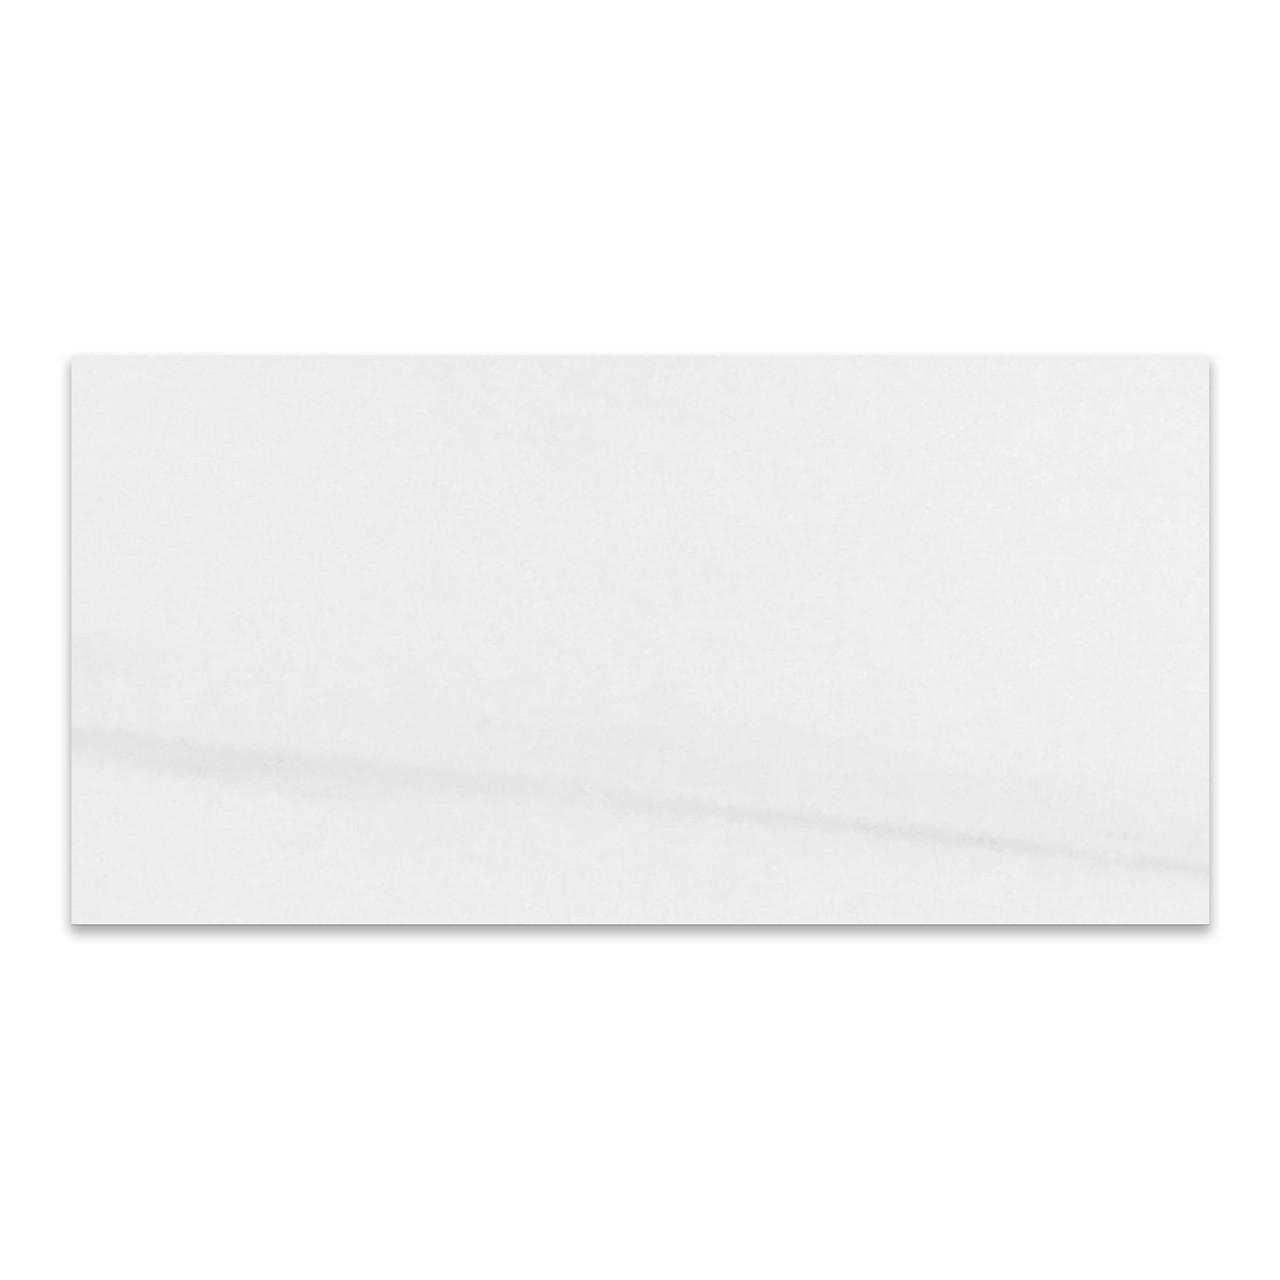 bianco dolomiti marble 18x36 tile polished